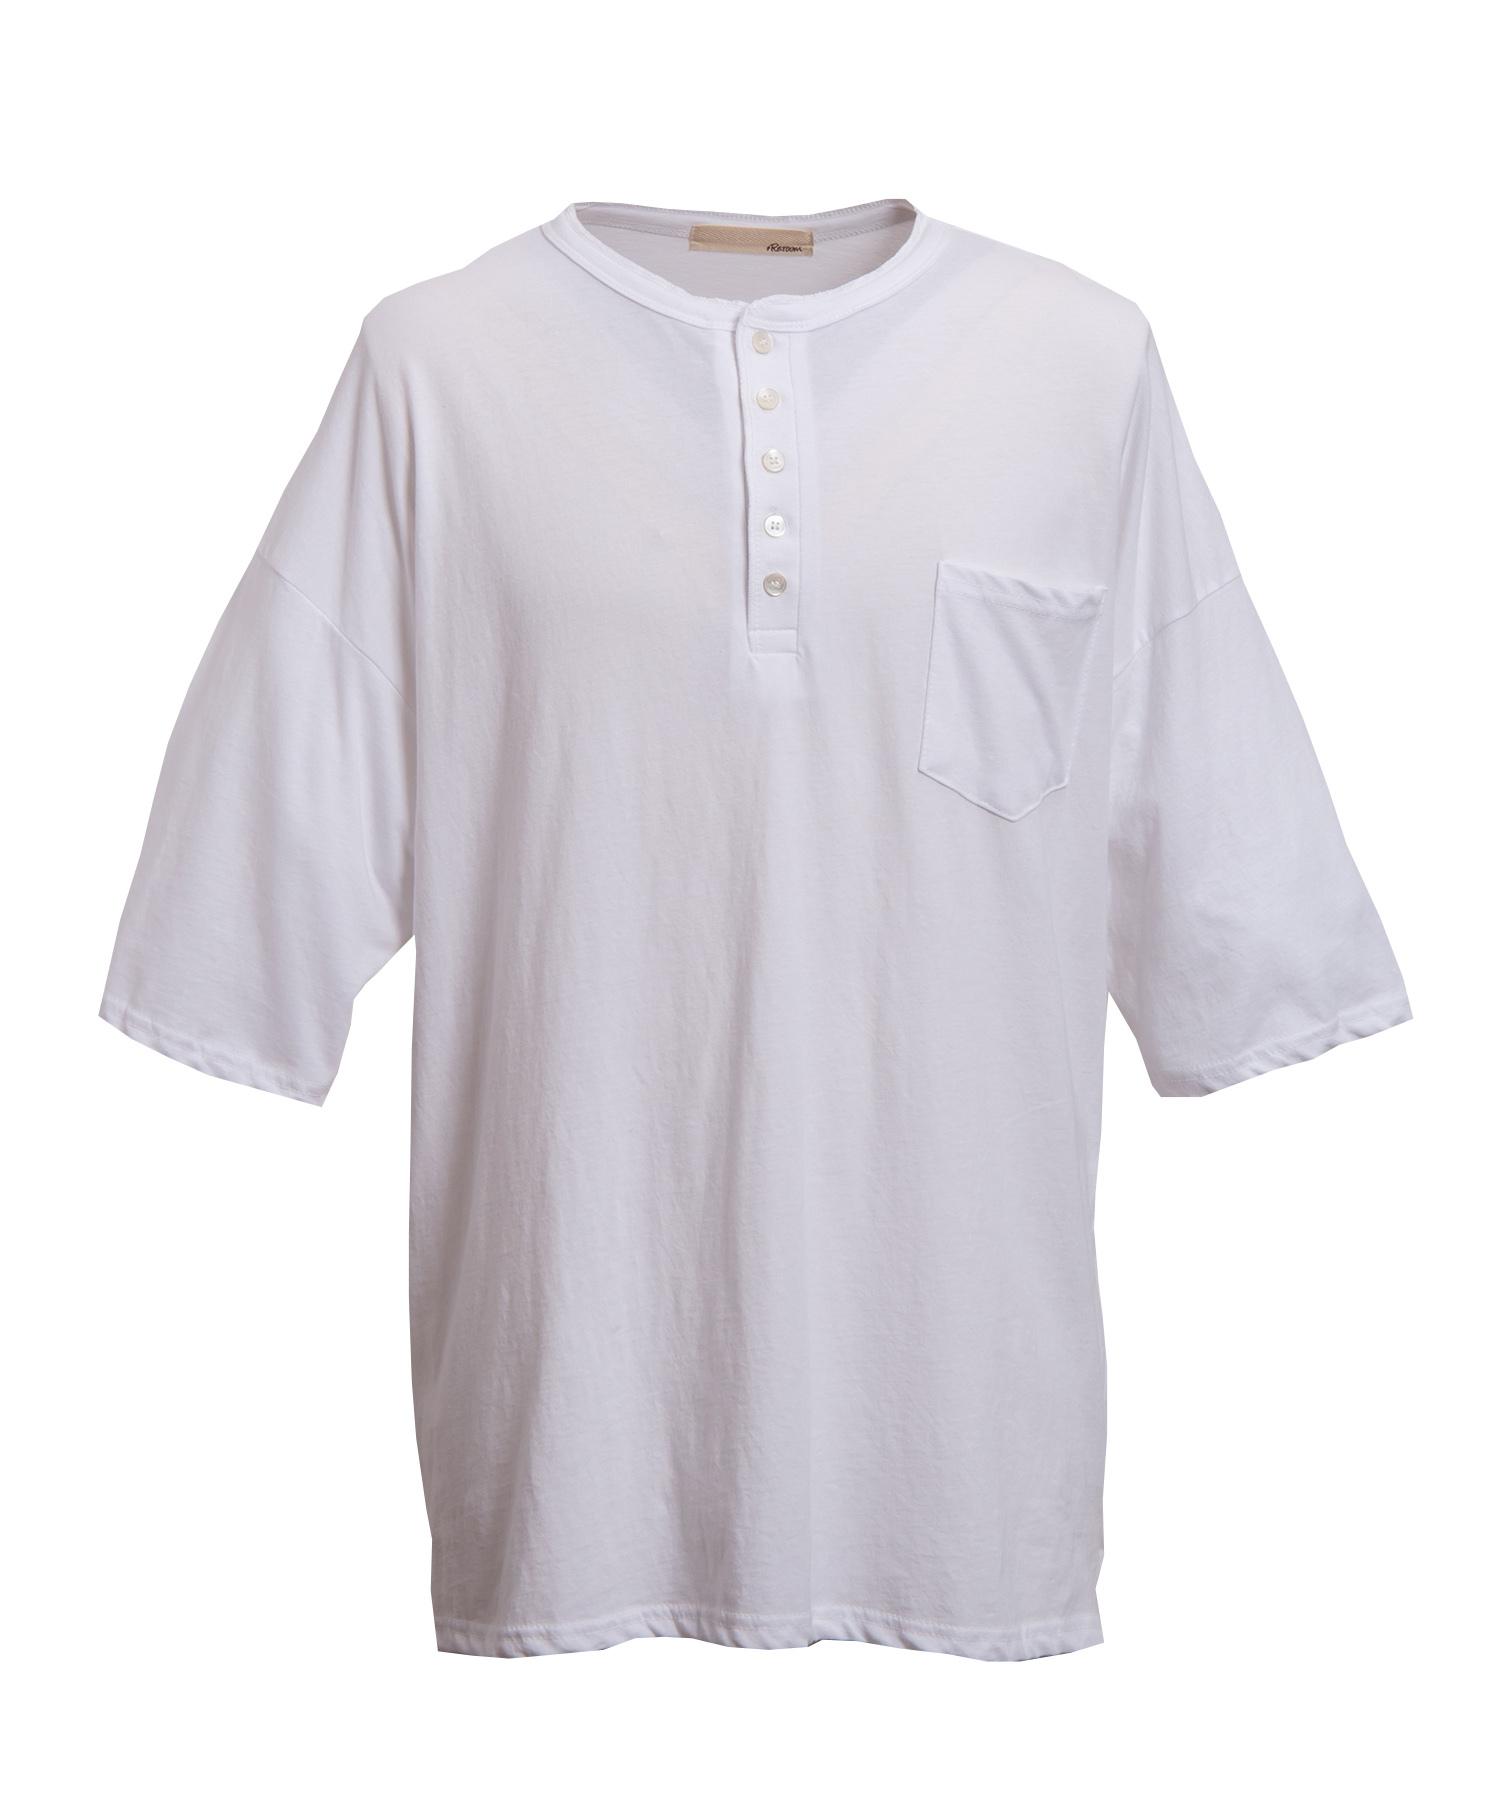 HENLEY NECK BIG T-shirt[REC220]